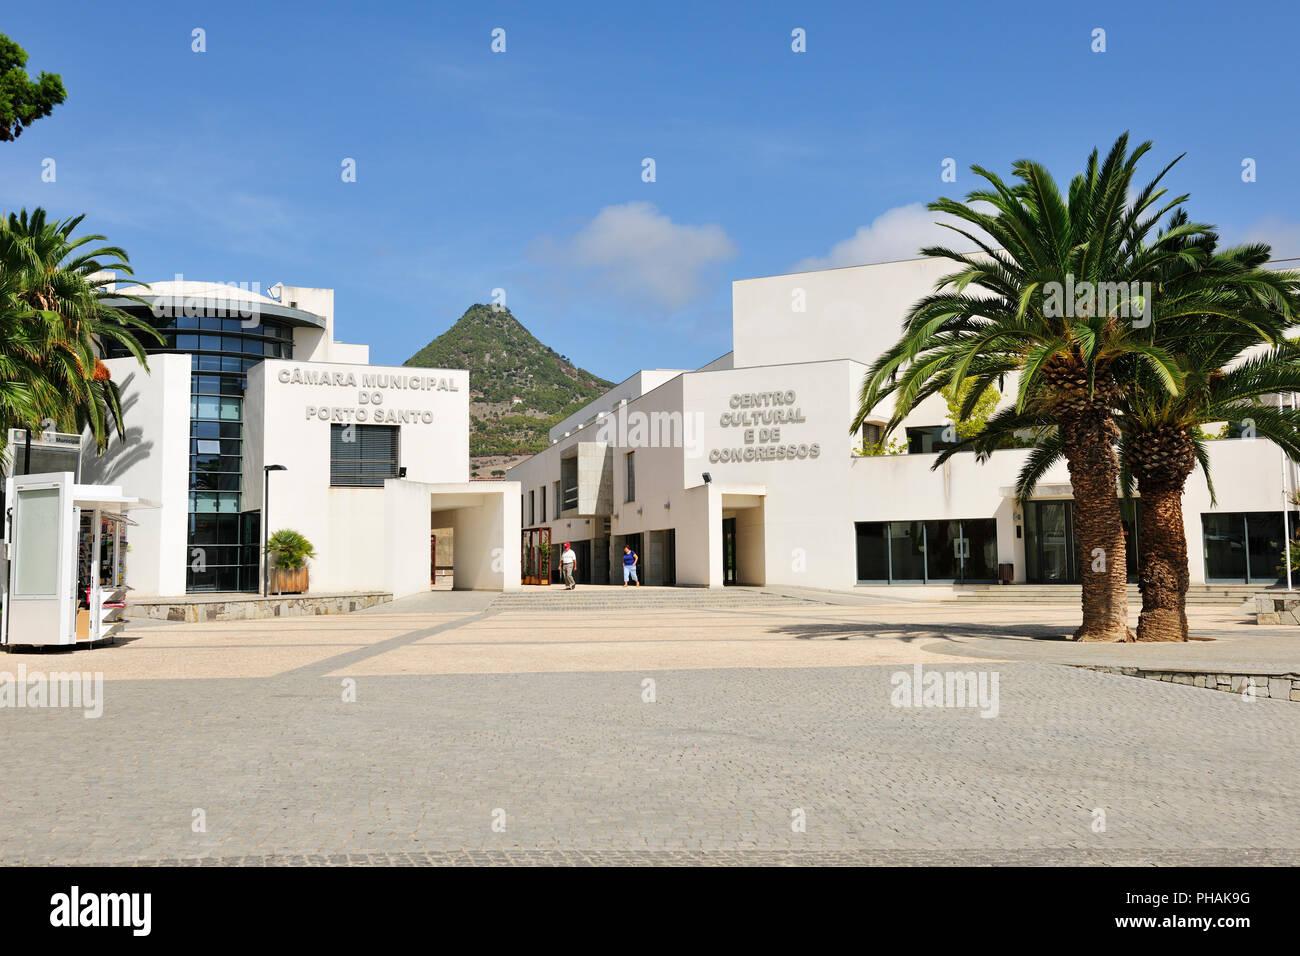 Modern architecture (Town Hall) of Vila Baleira. Porto Santo island, Madeira. Portugal Stock Photo